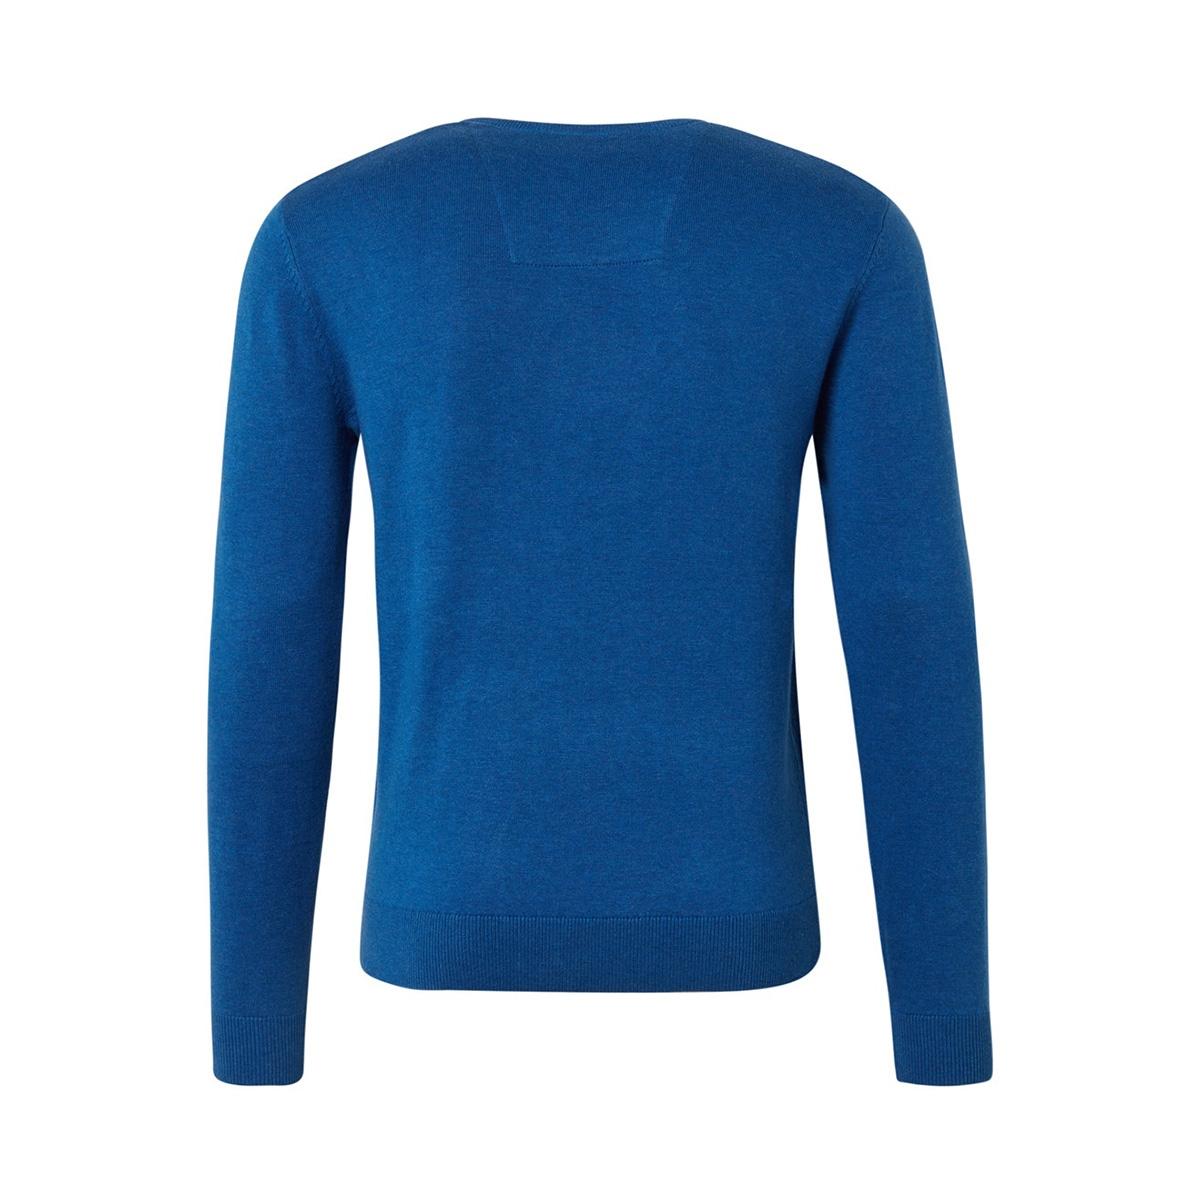 eenvoudige gebreide trui 1012820xx10 tom tailor trui 18977